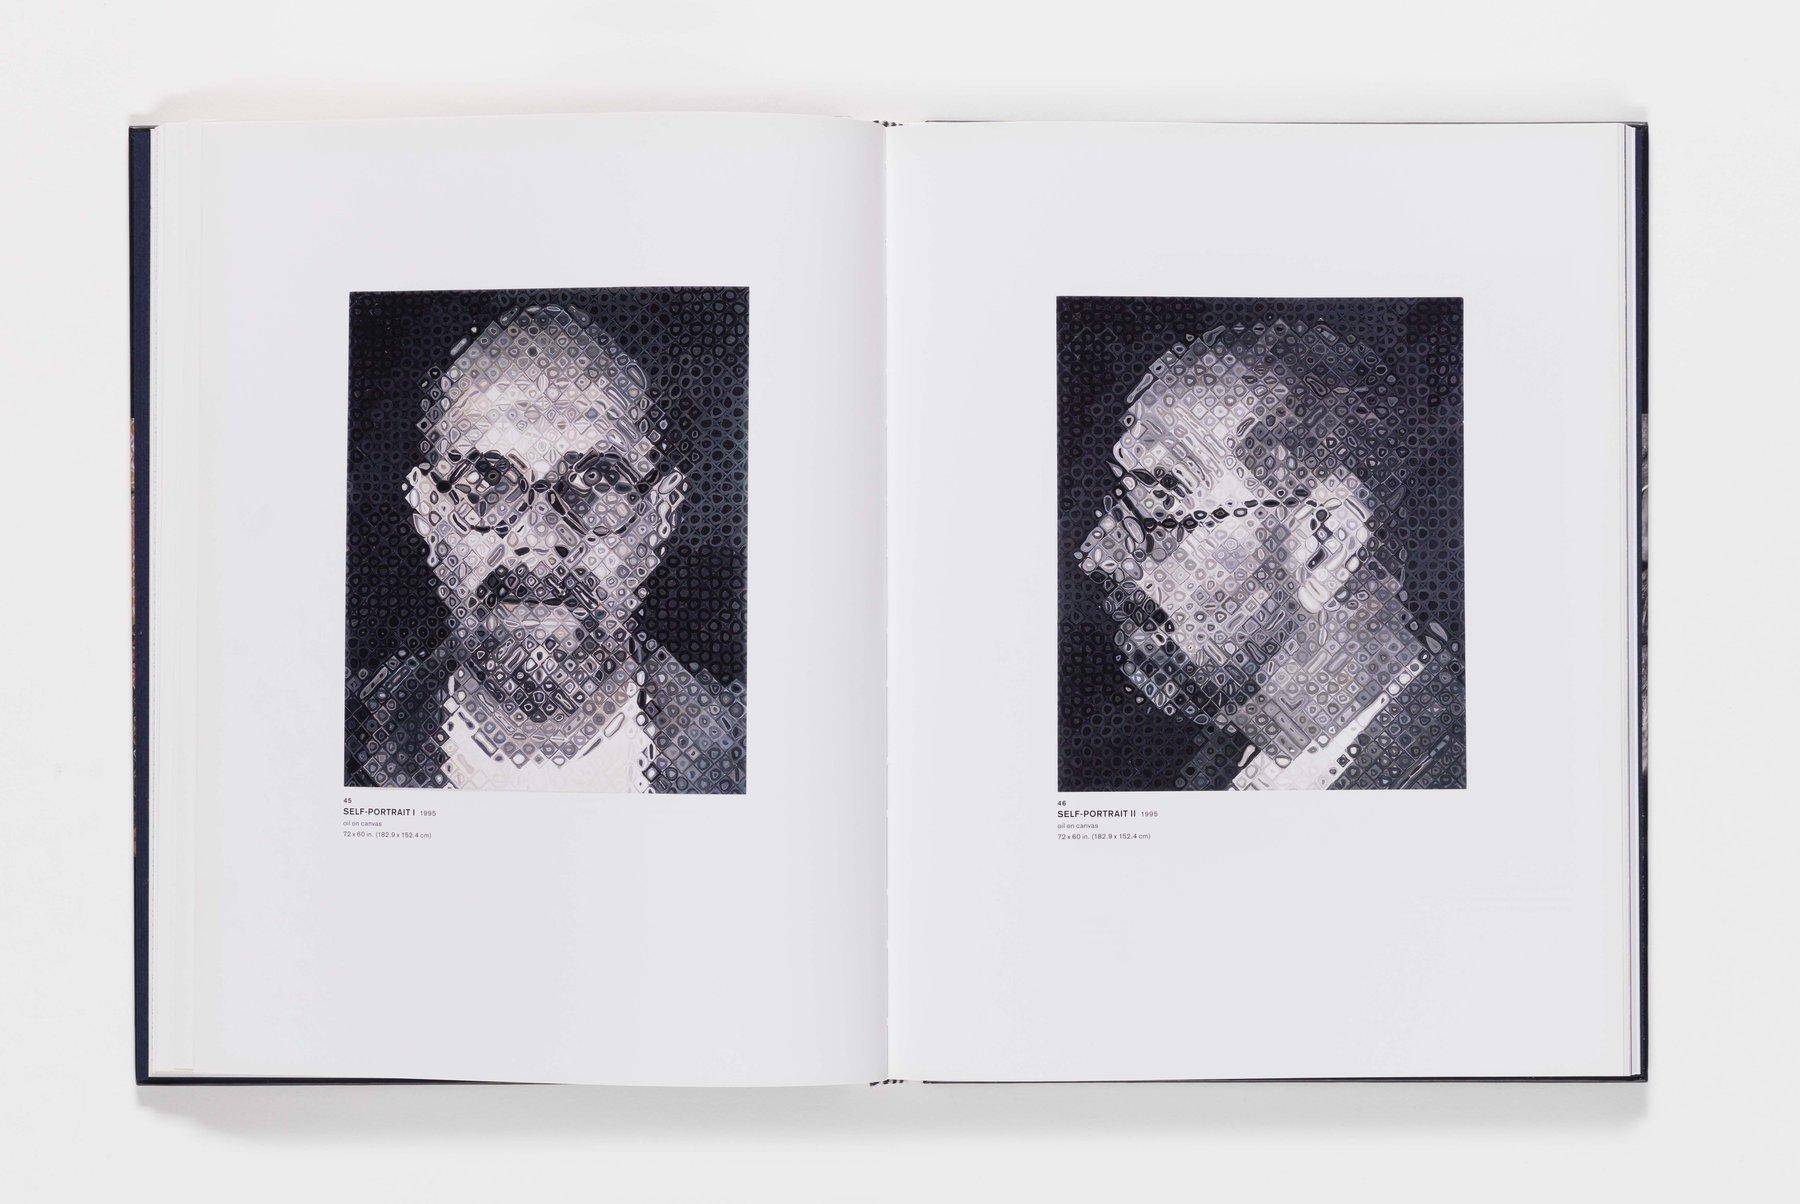 Chuck Close Self-Portraits publication pages 45_46